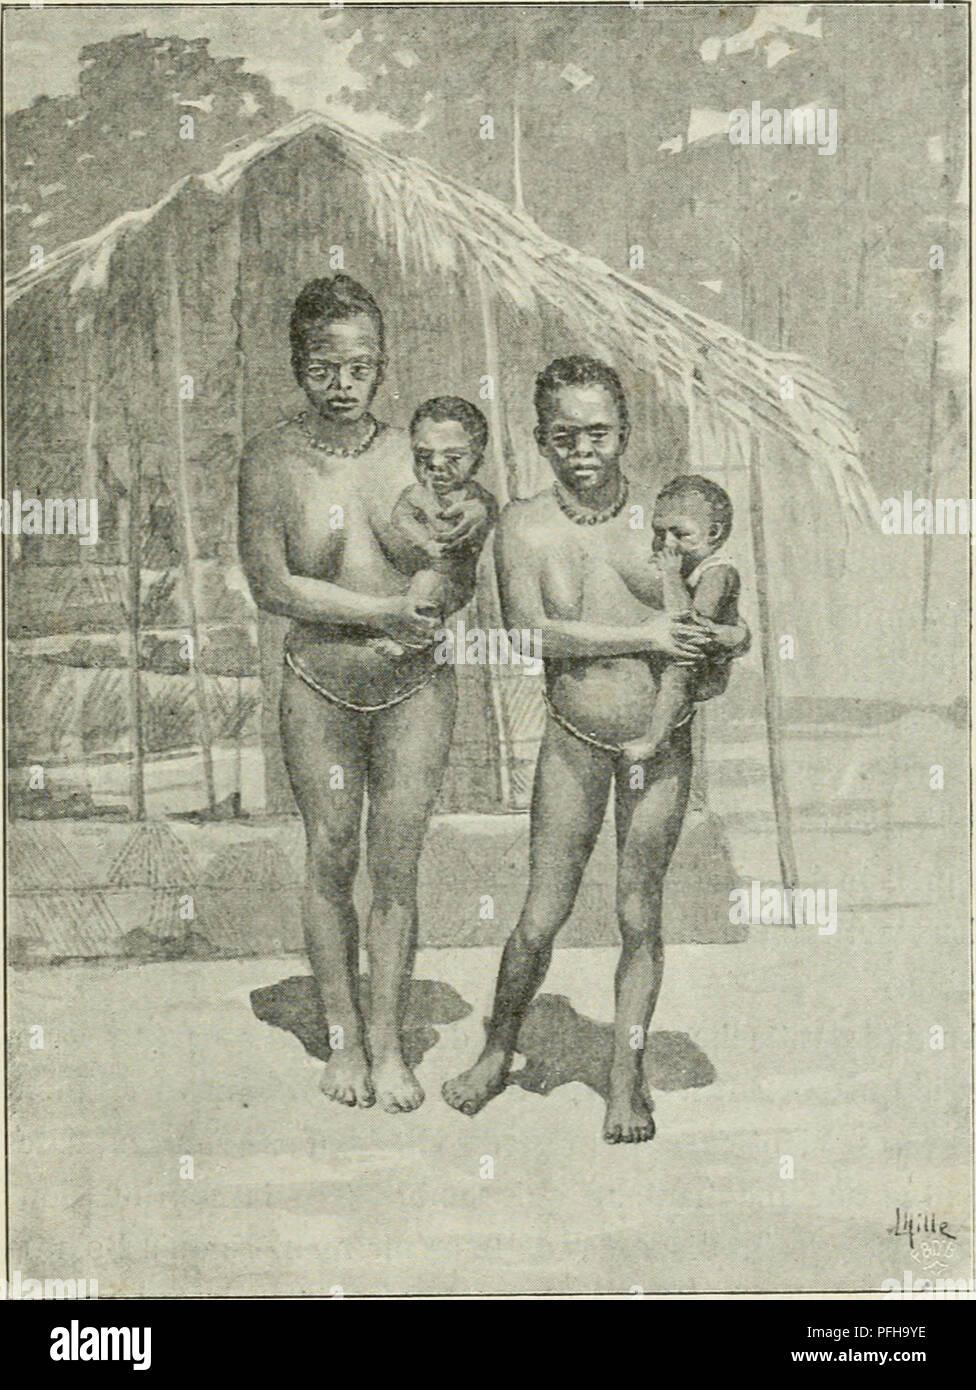 . Dans la grande forêt de l'Afrique centrale. Mon voyage au Congo et à la Mongala en 1896. Botany. Entre le Congo et la Mongala 33 rompue par des plaines herbeuses. Outre mes trois domestiques, quelques soldats noirs de l'Ãtat du Congo devaient aussi m'accompagner, afin de requérir dans chaque village les quinze à vingt porteurs nécessaires pour mes bagages. Je n'en avais alors que dix charges, car je laissai à la station de Ngali tout ce qui ne m'était pas. FESlMEsfuE MONDUNGA. absolument indispensable; cependant il fallait deux porteurs pour chacun des plus lourds colis et deux pour le h - Stock Image